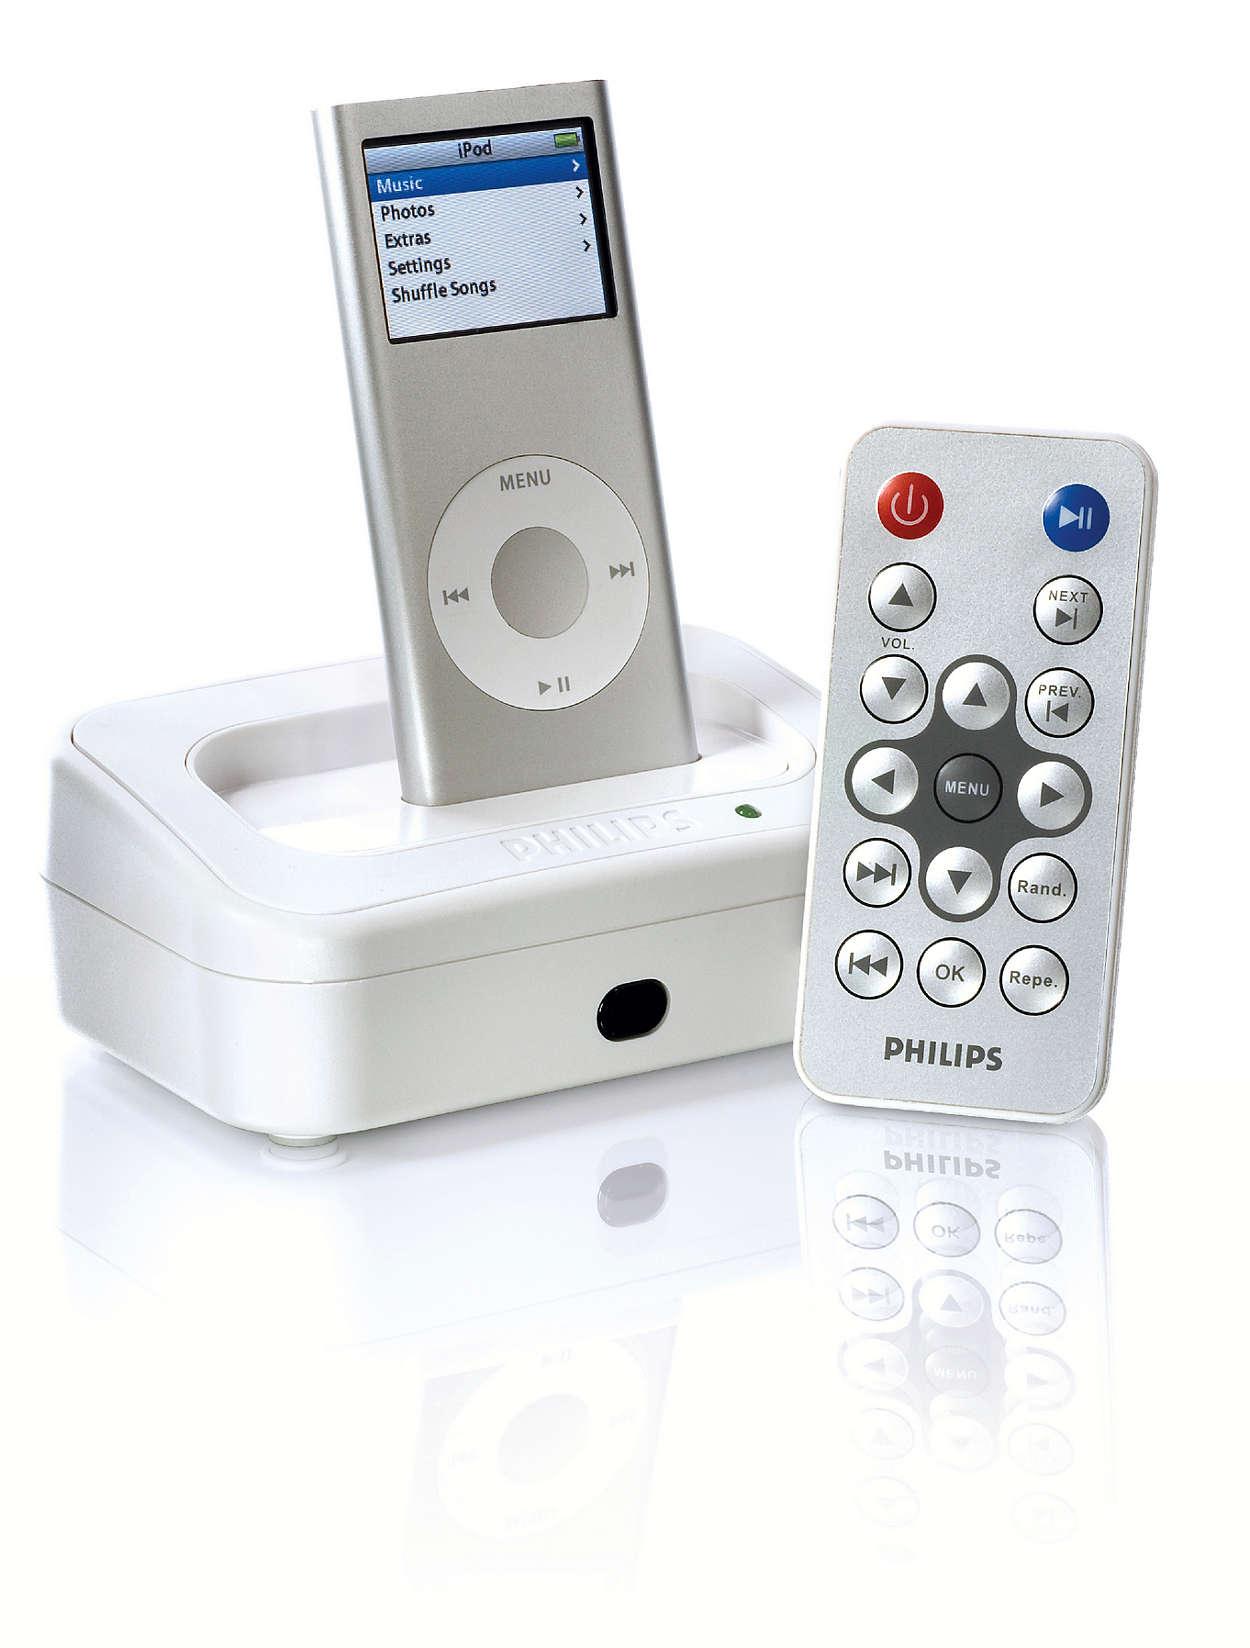 iPod cihazınızı bağlayın